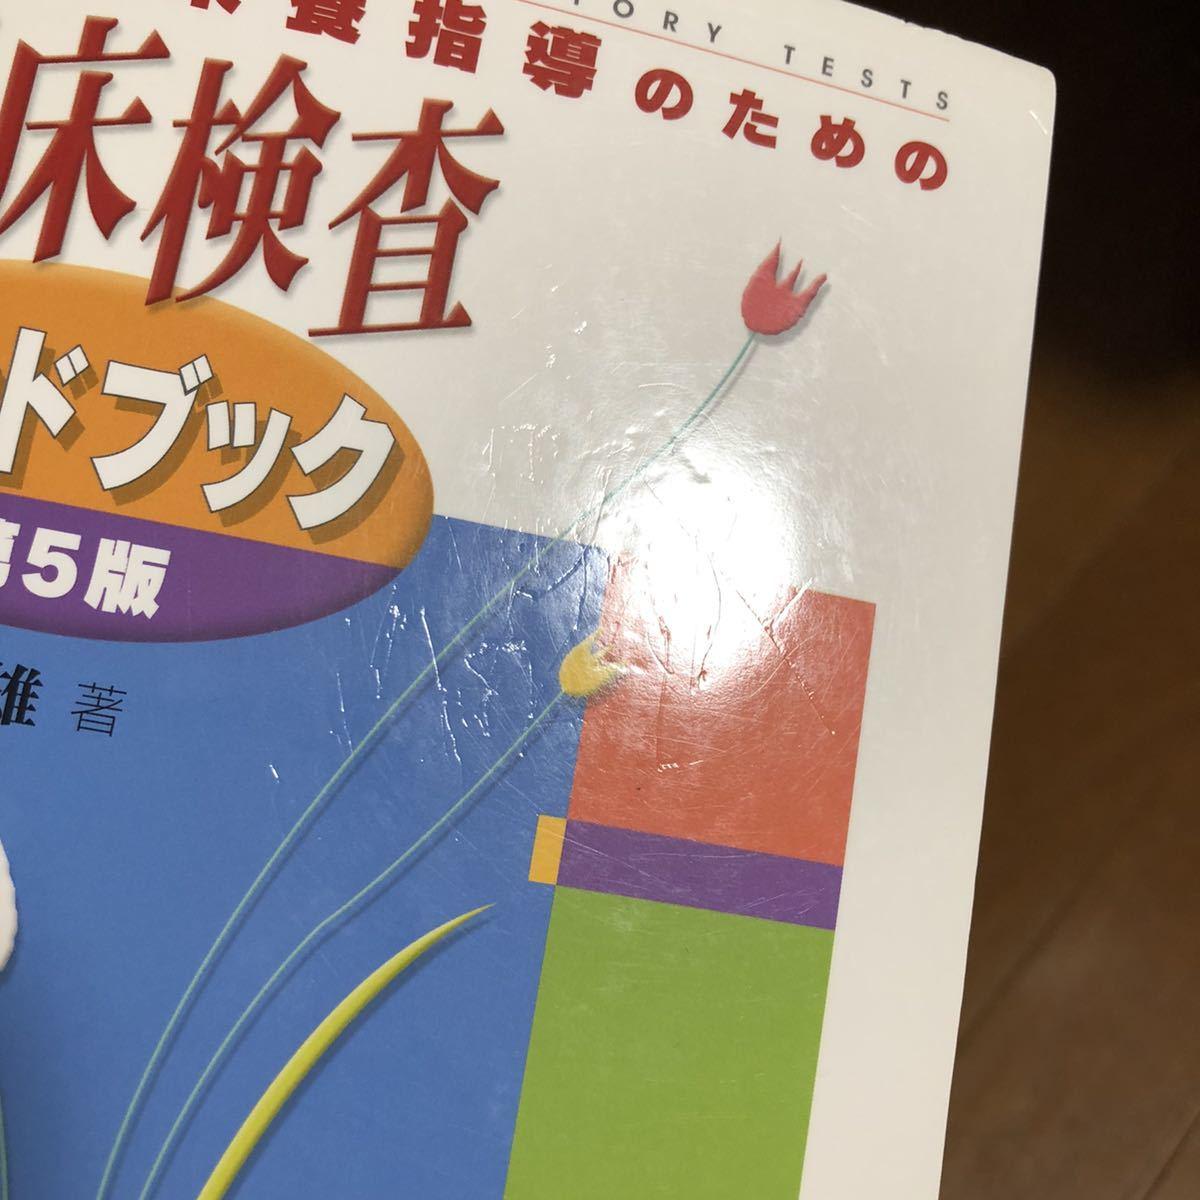 看護・栄養指導のための臨床検査ハンドブック 臨床検査 ハンドブック 第5版